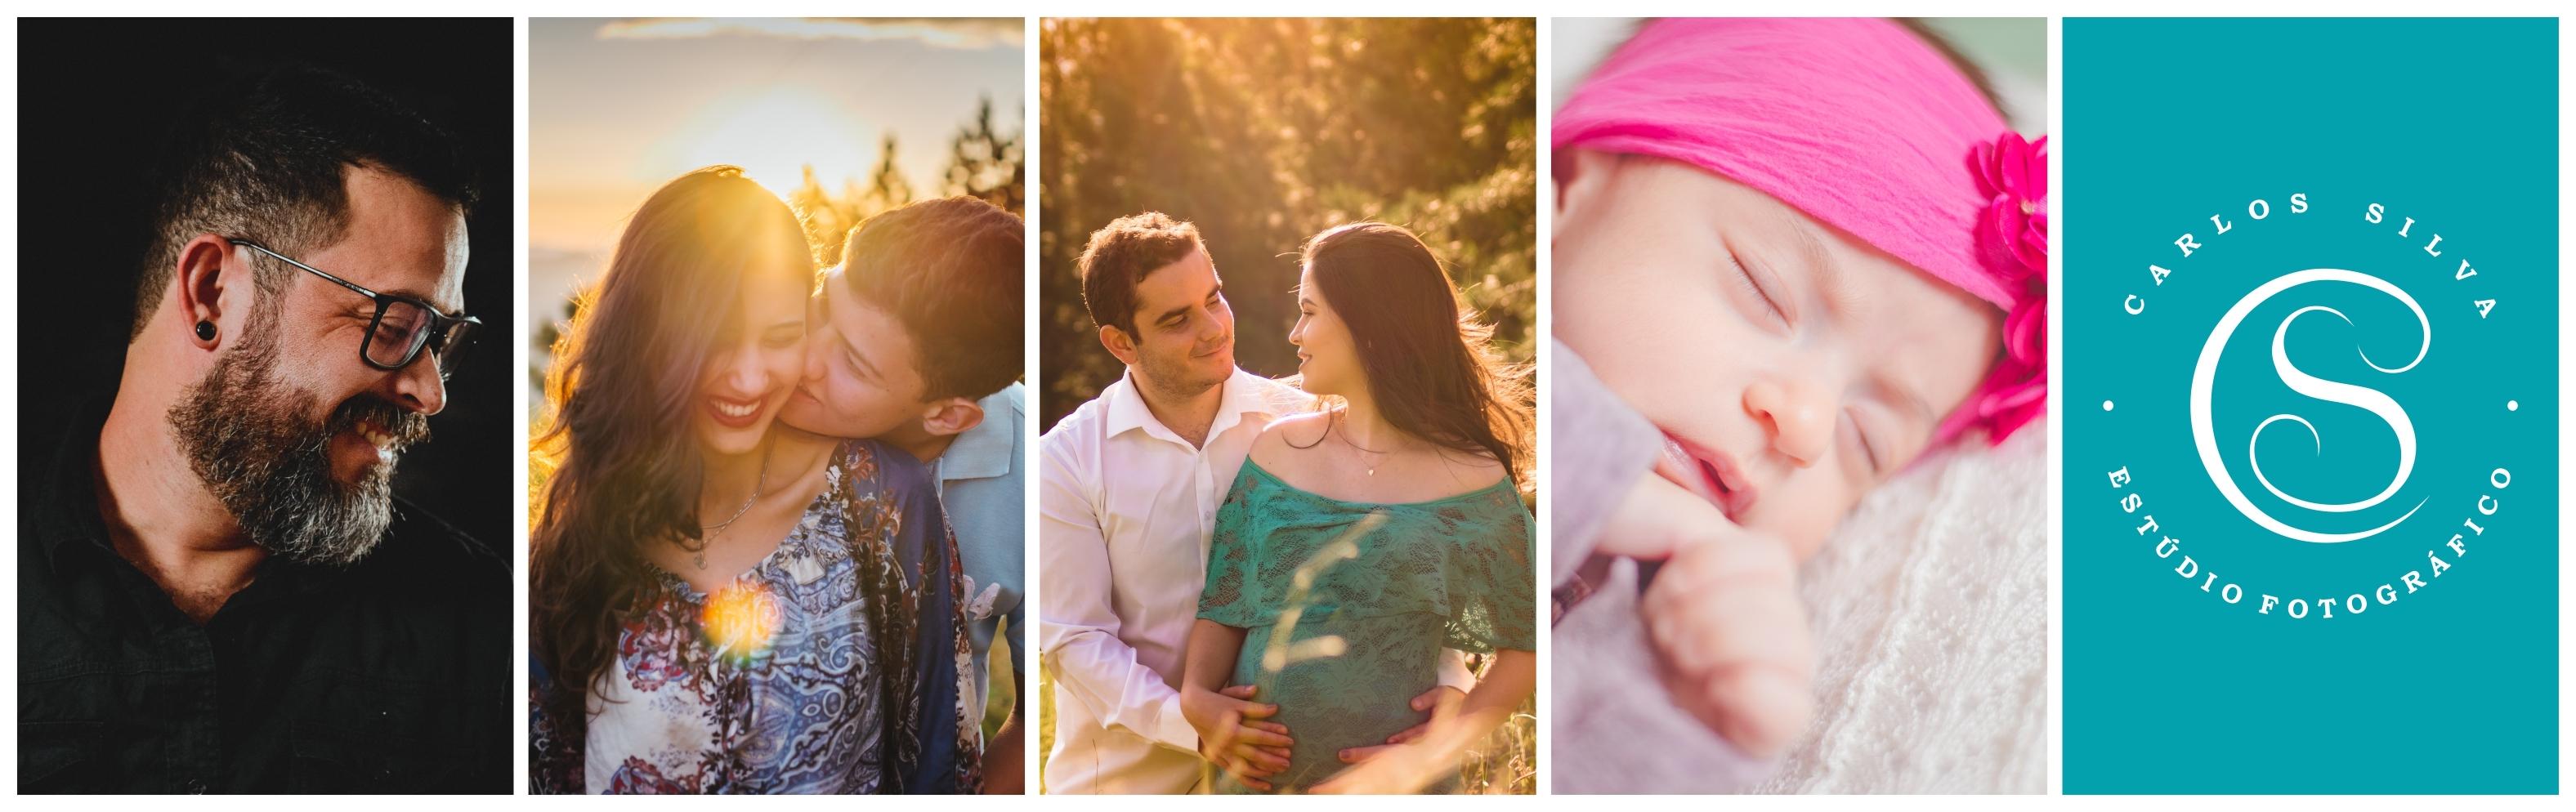 Sobre Fotógrafo de Casamento, Gestante e da Família em Poços de Caldas-MG |  Carlos Silva